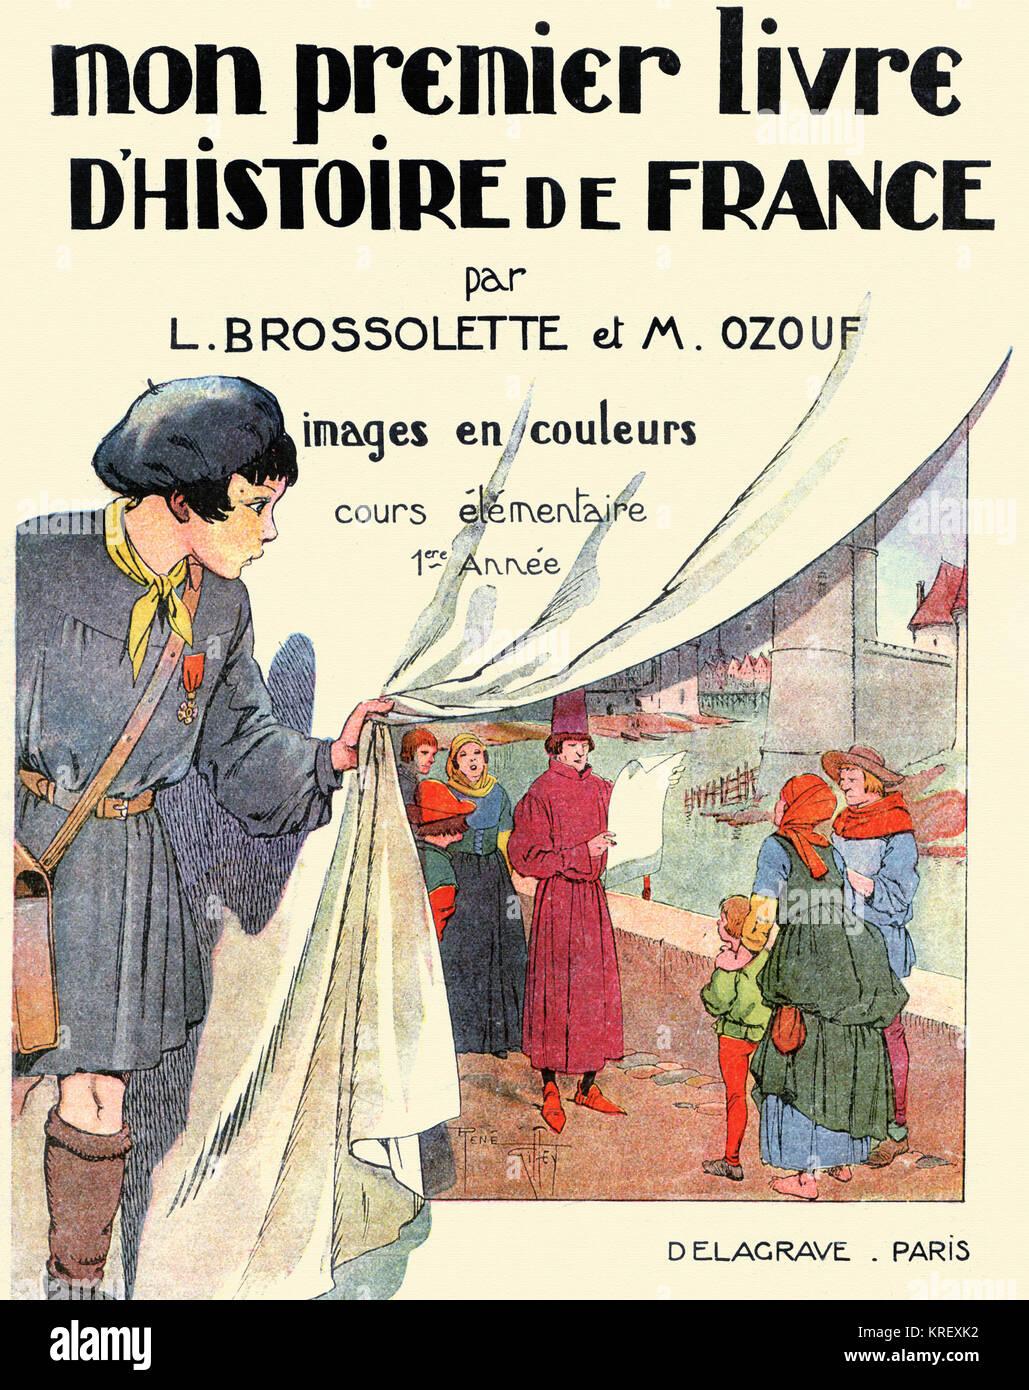 Primo Libro sulla storia della Francia il coperchio Immagini Stock